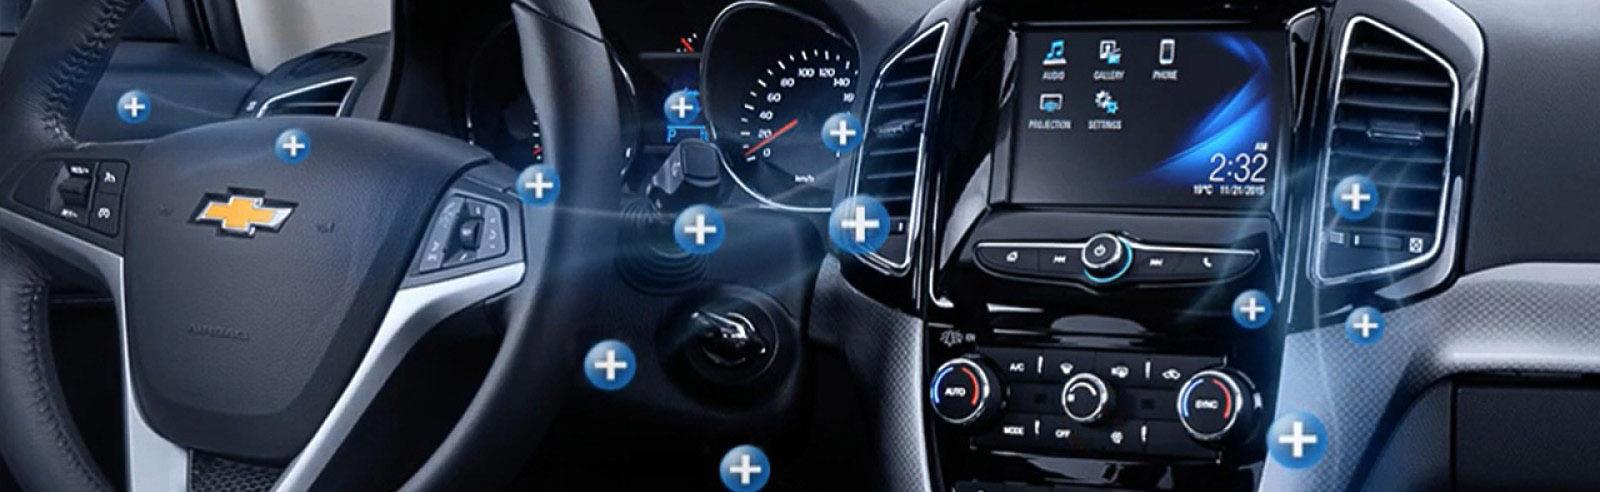 Cách giảm nhiệt trong ô tô nhanh nhất